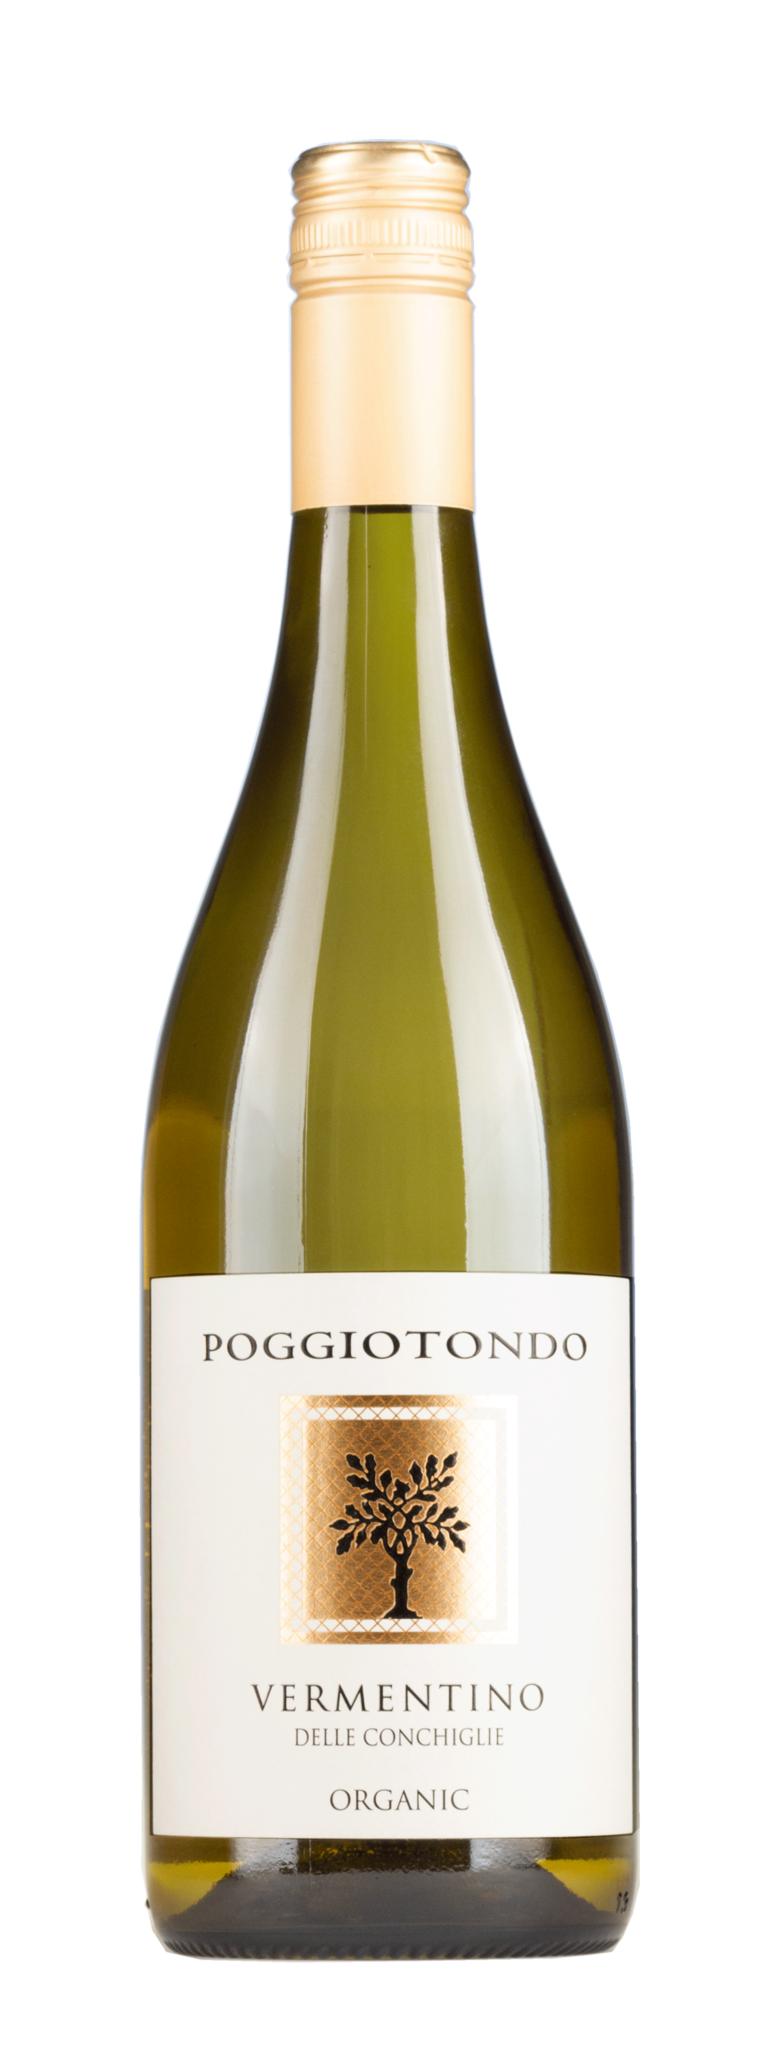 Poggiotondo, Toskana 2020 Vermentino,  Toscana Bianco IGT, Poggiotondo